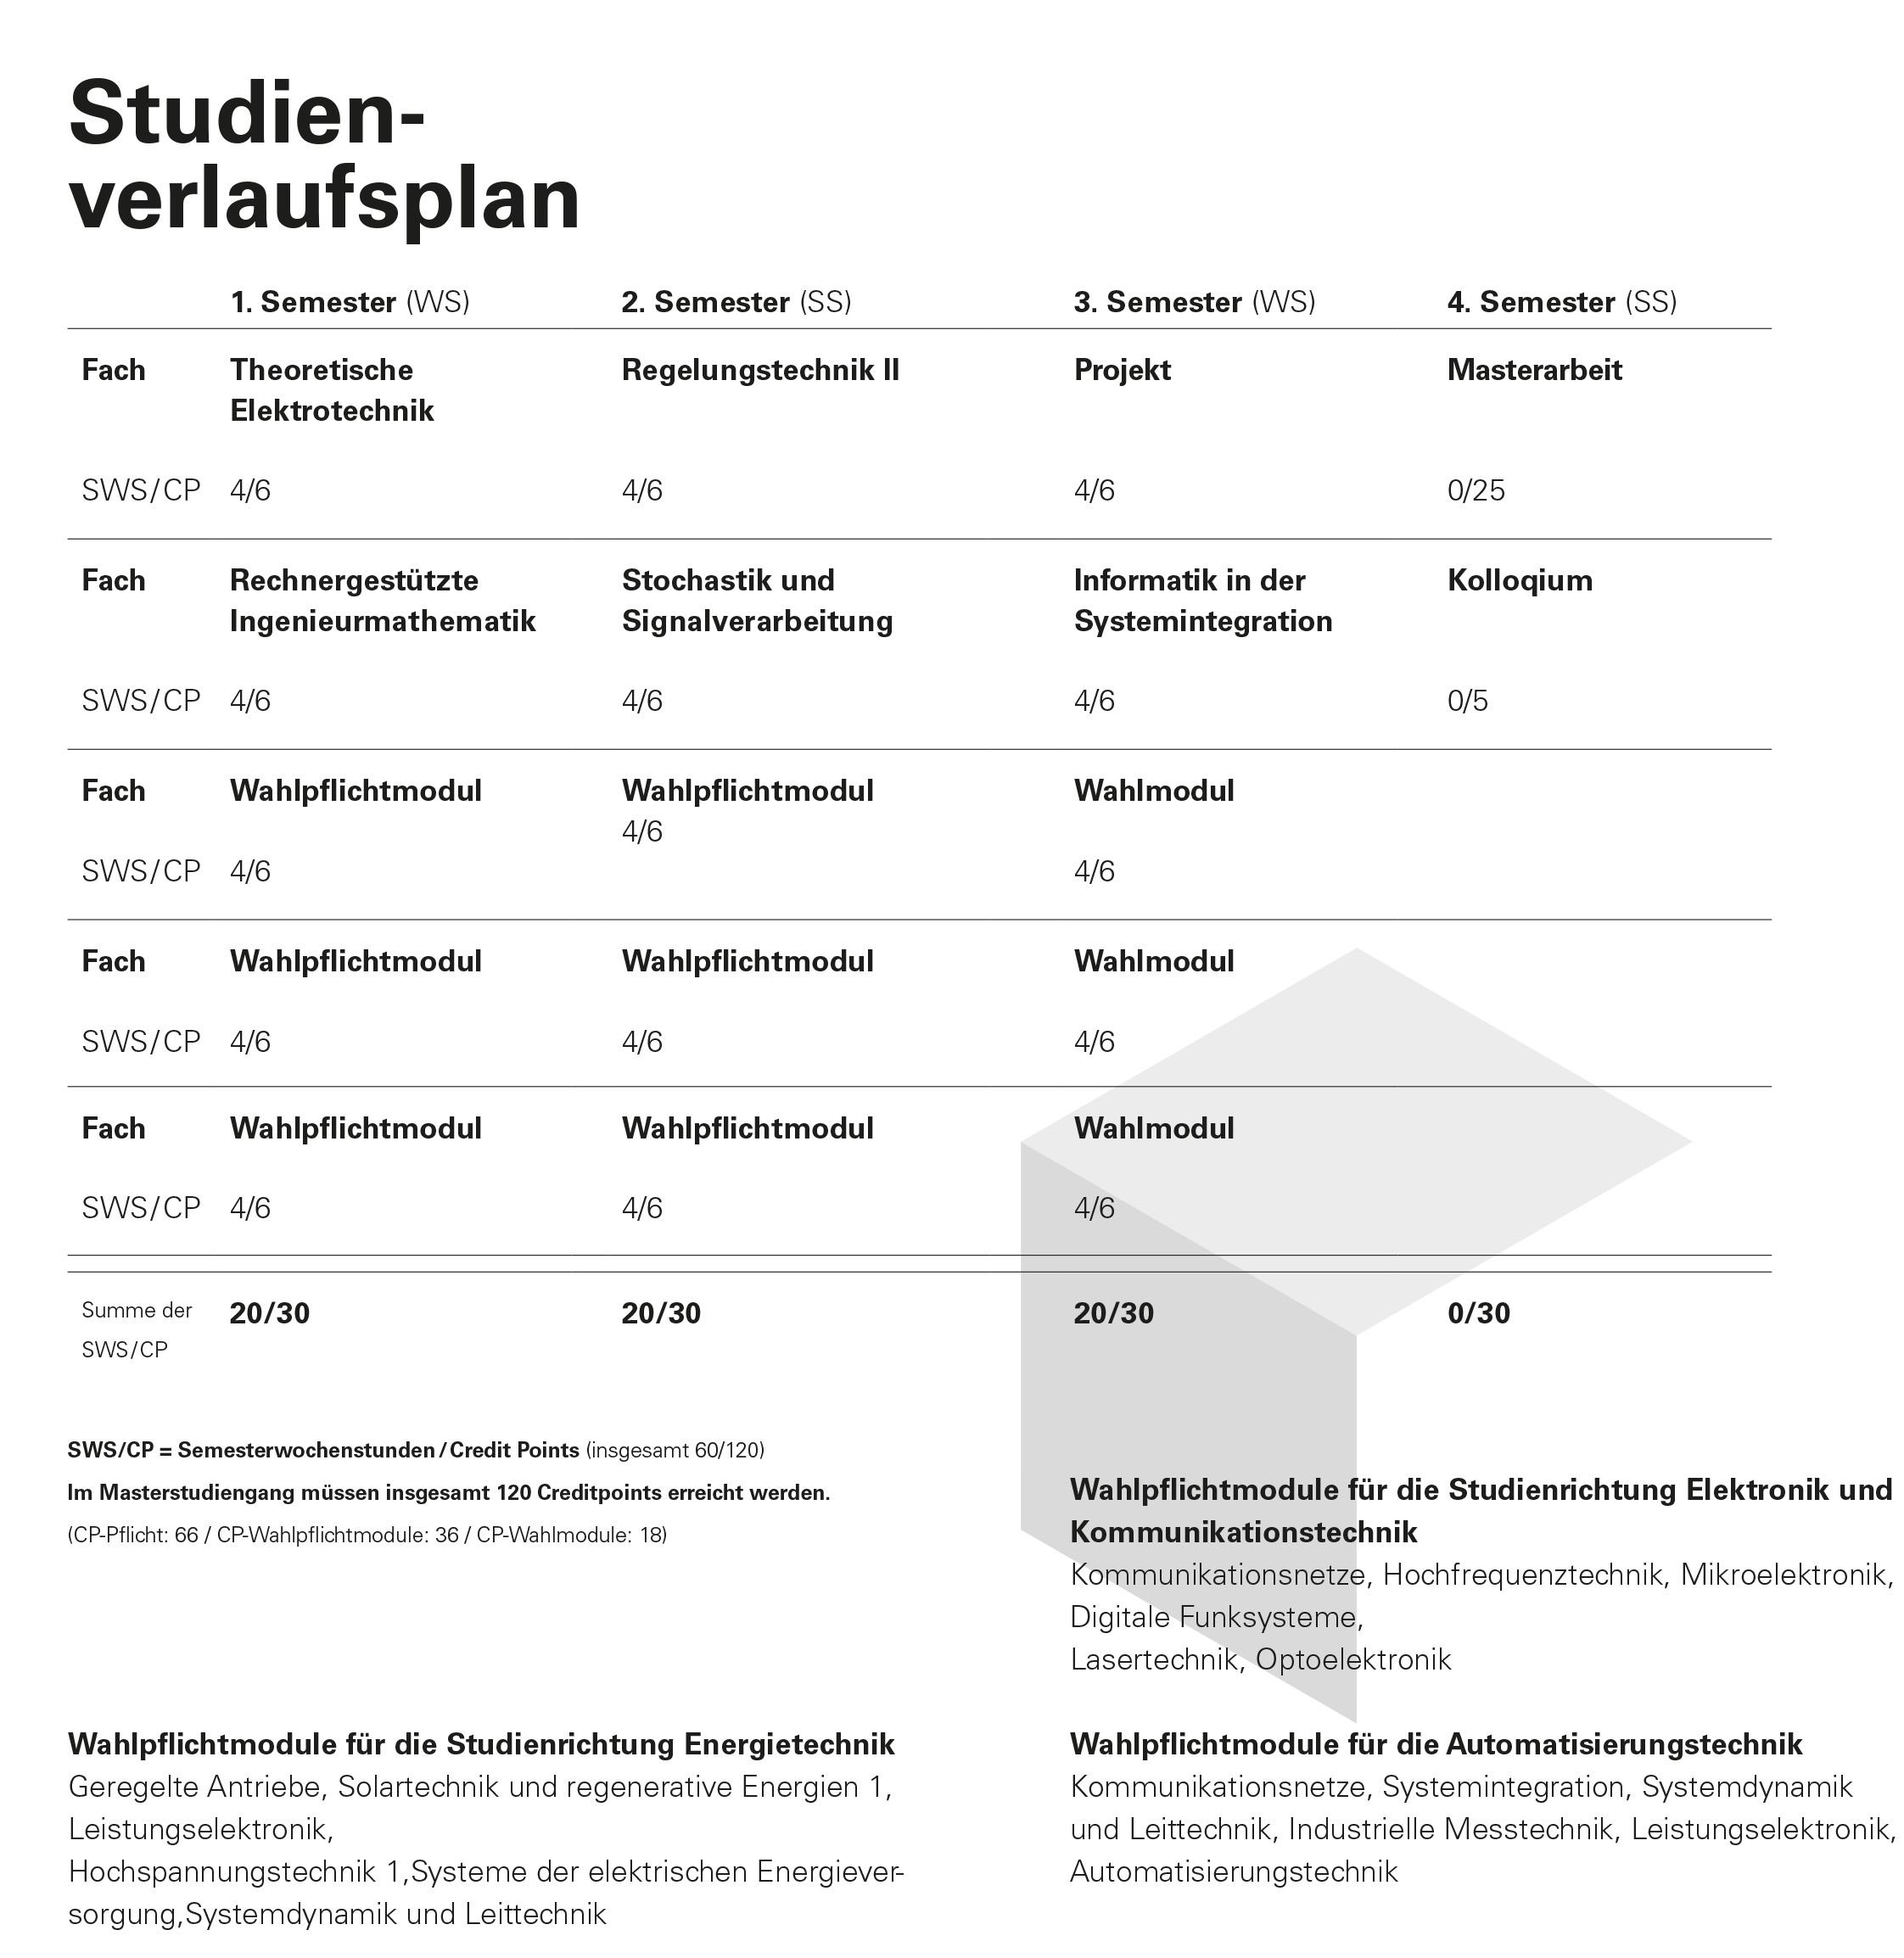 Studienverlaufsplan